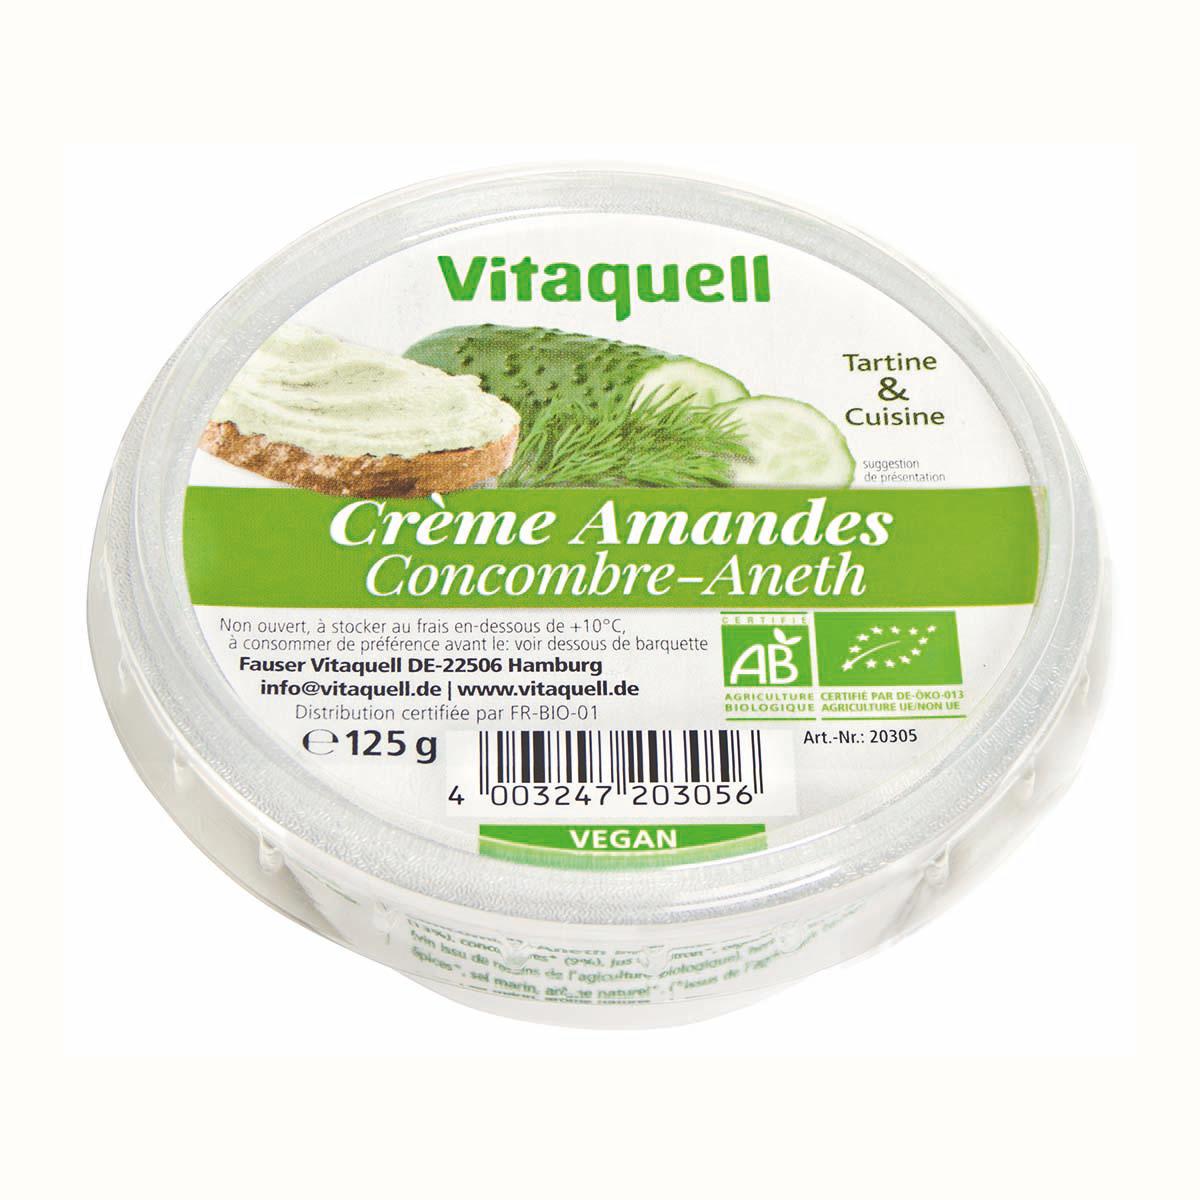 Crème Amandes Concombre-Aneth